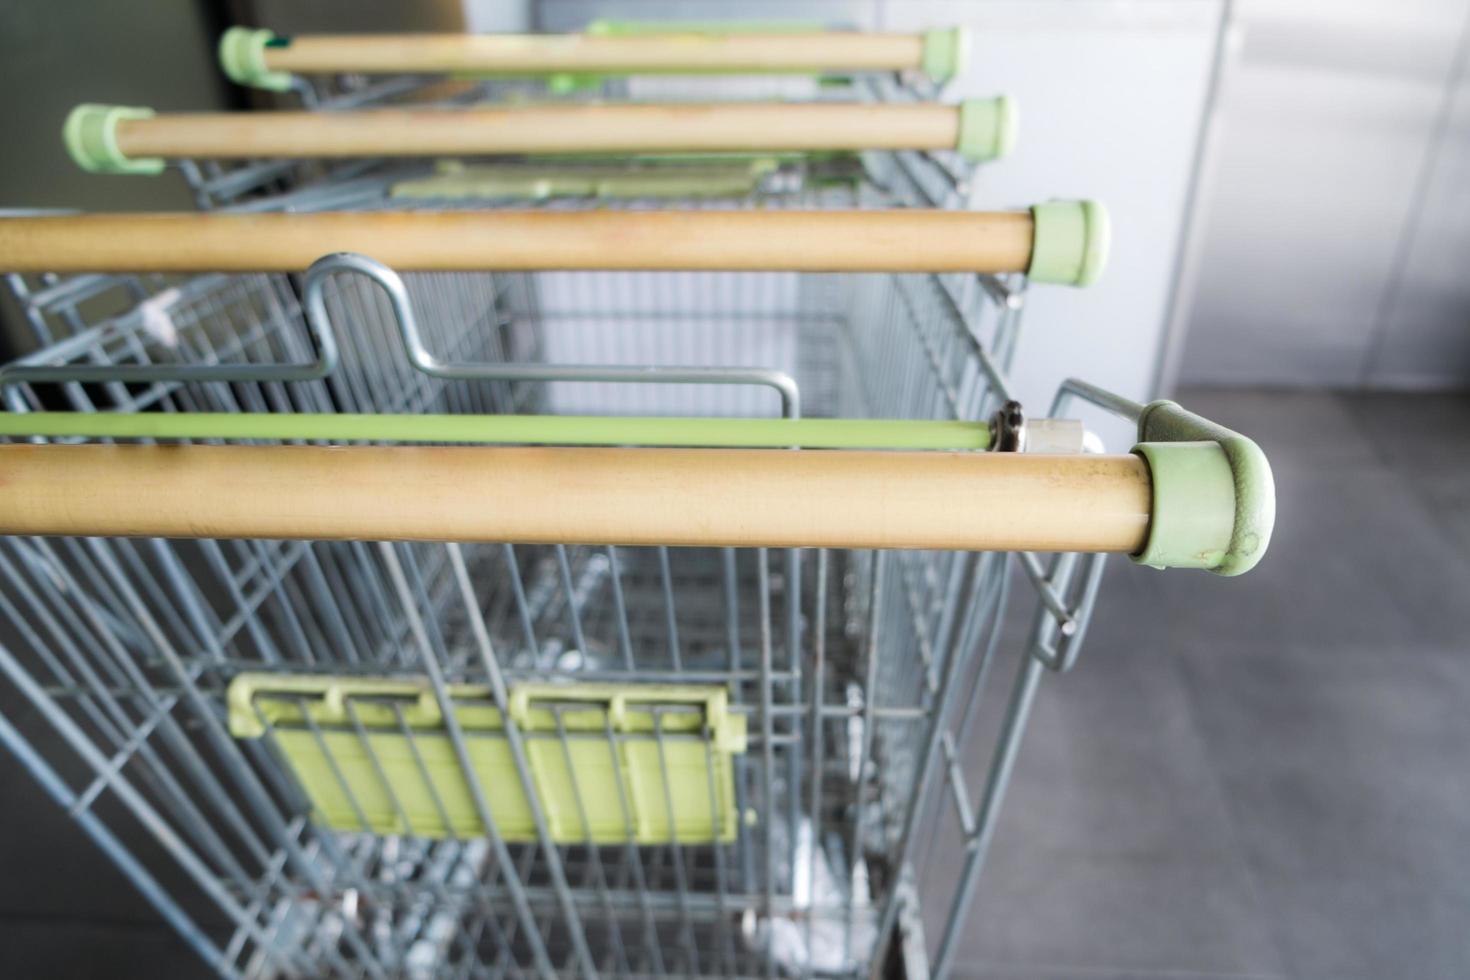 lege winkelwagentjes buiten de supermarkt foto